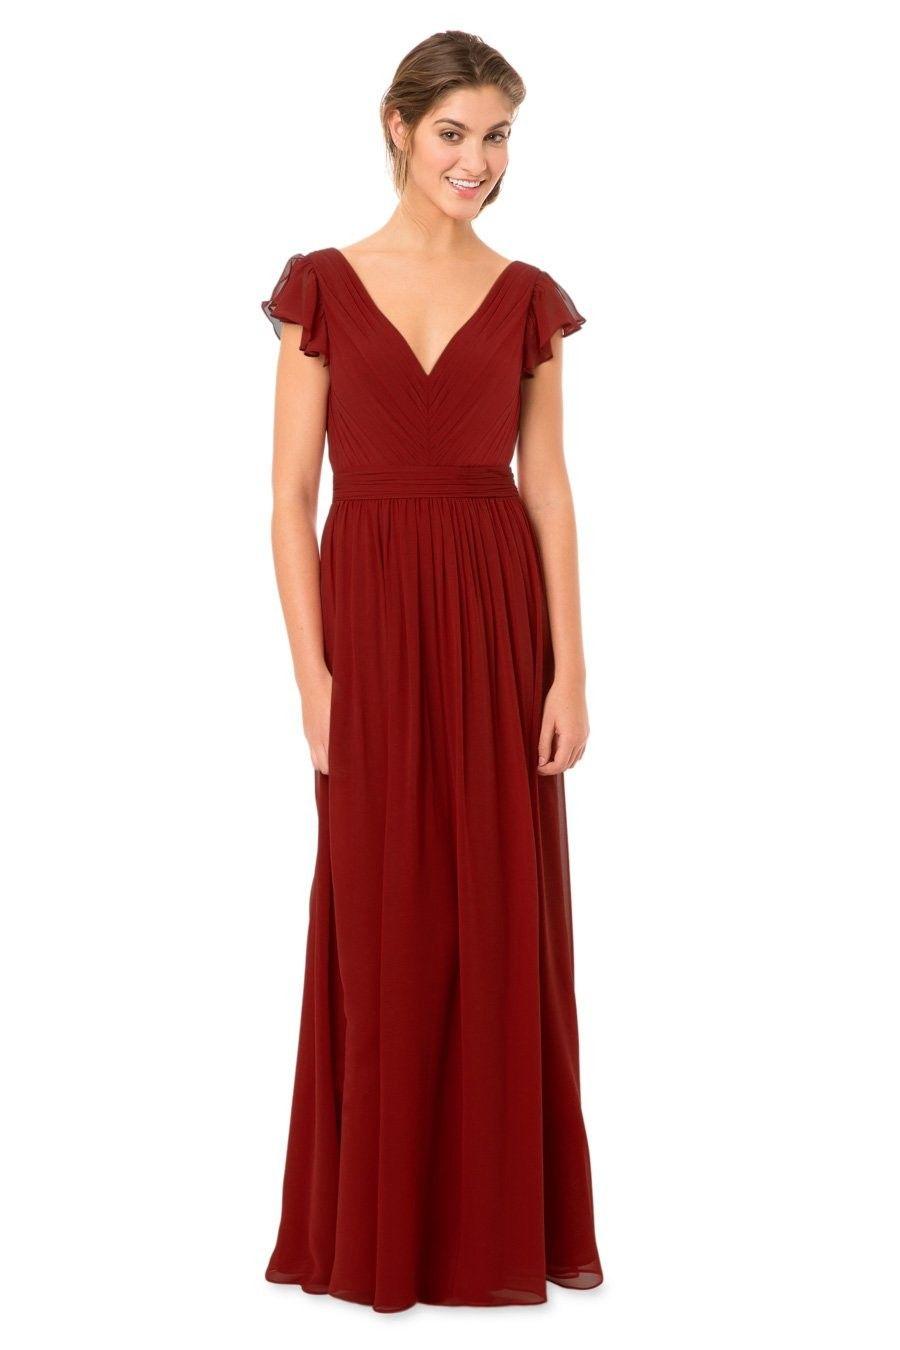 Bari Jay Bridesmaids Dress Style 1550   Perfect Bridal